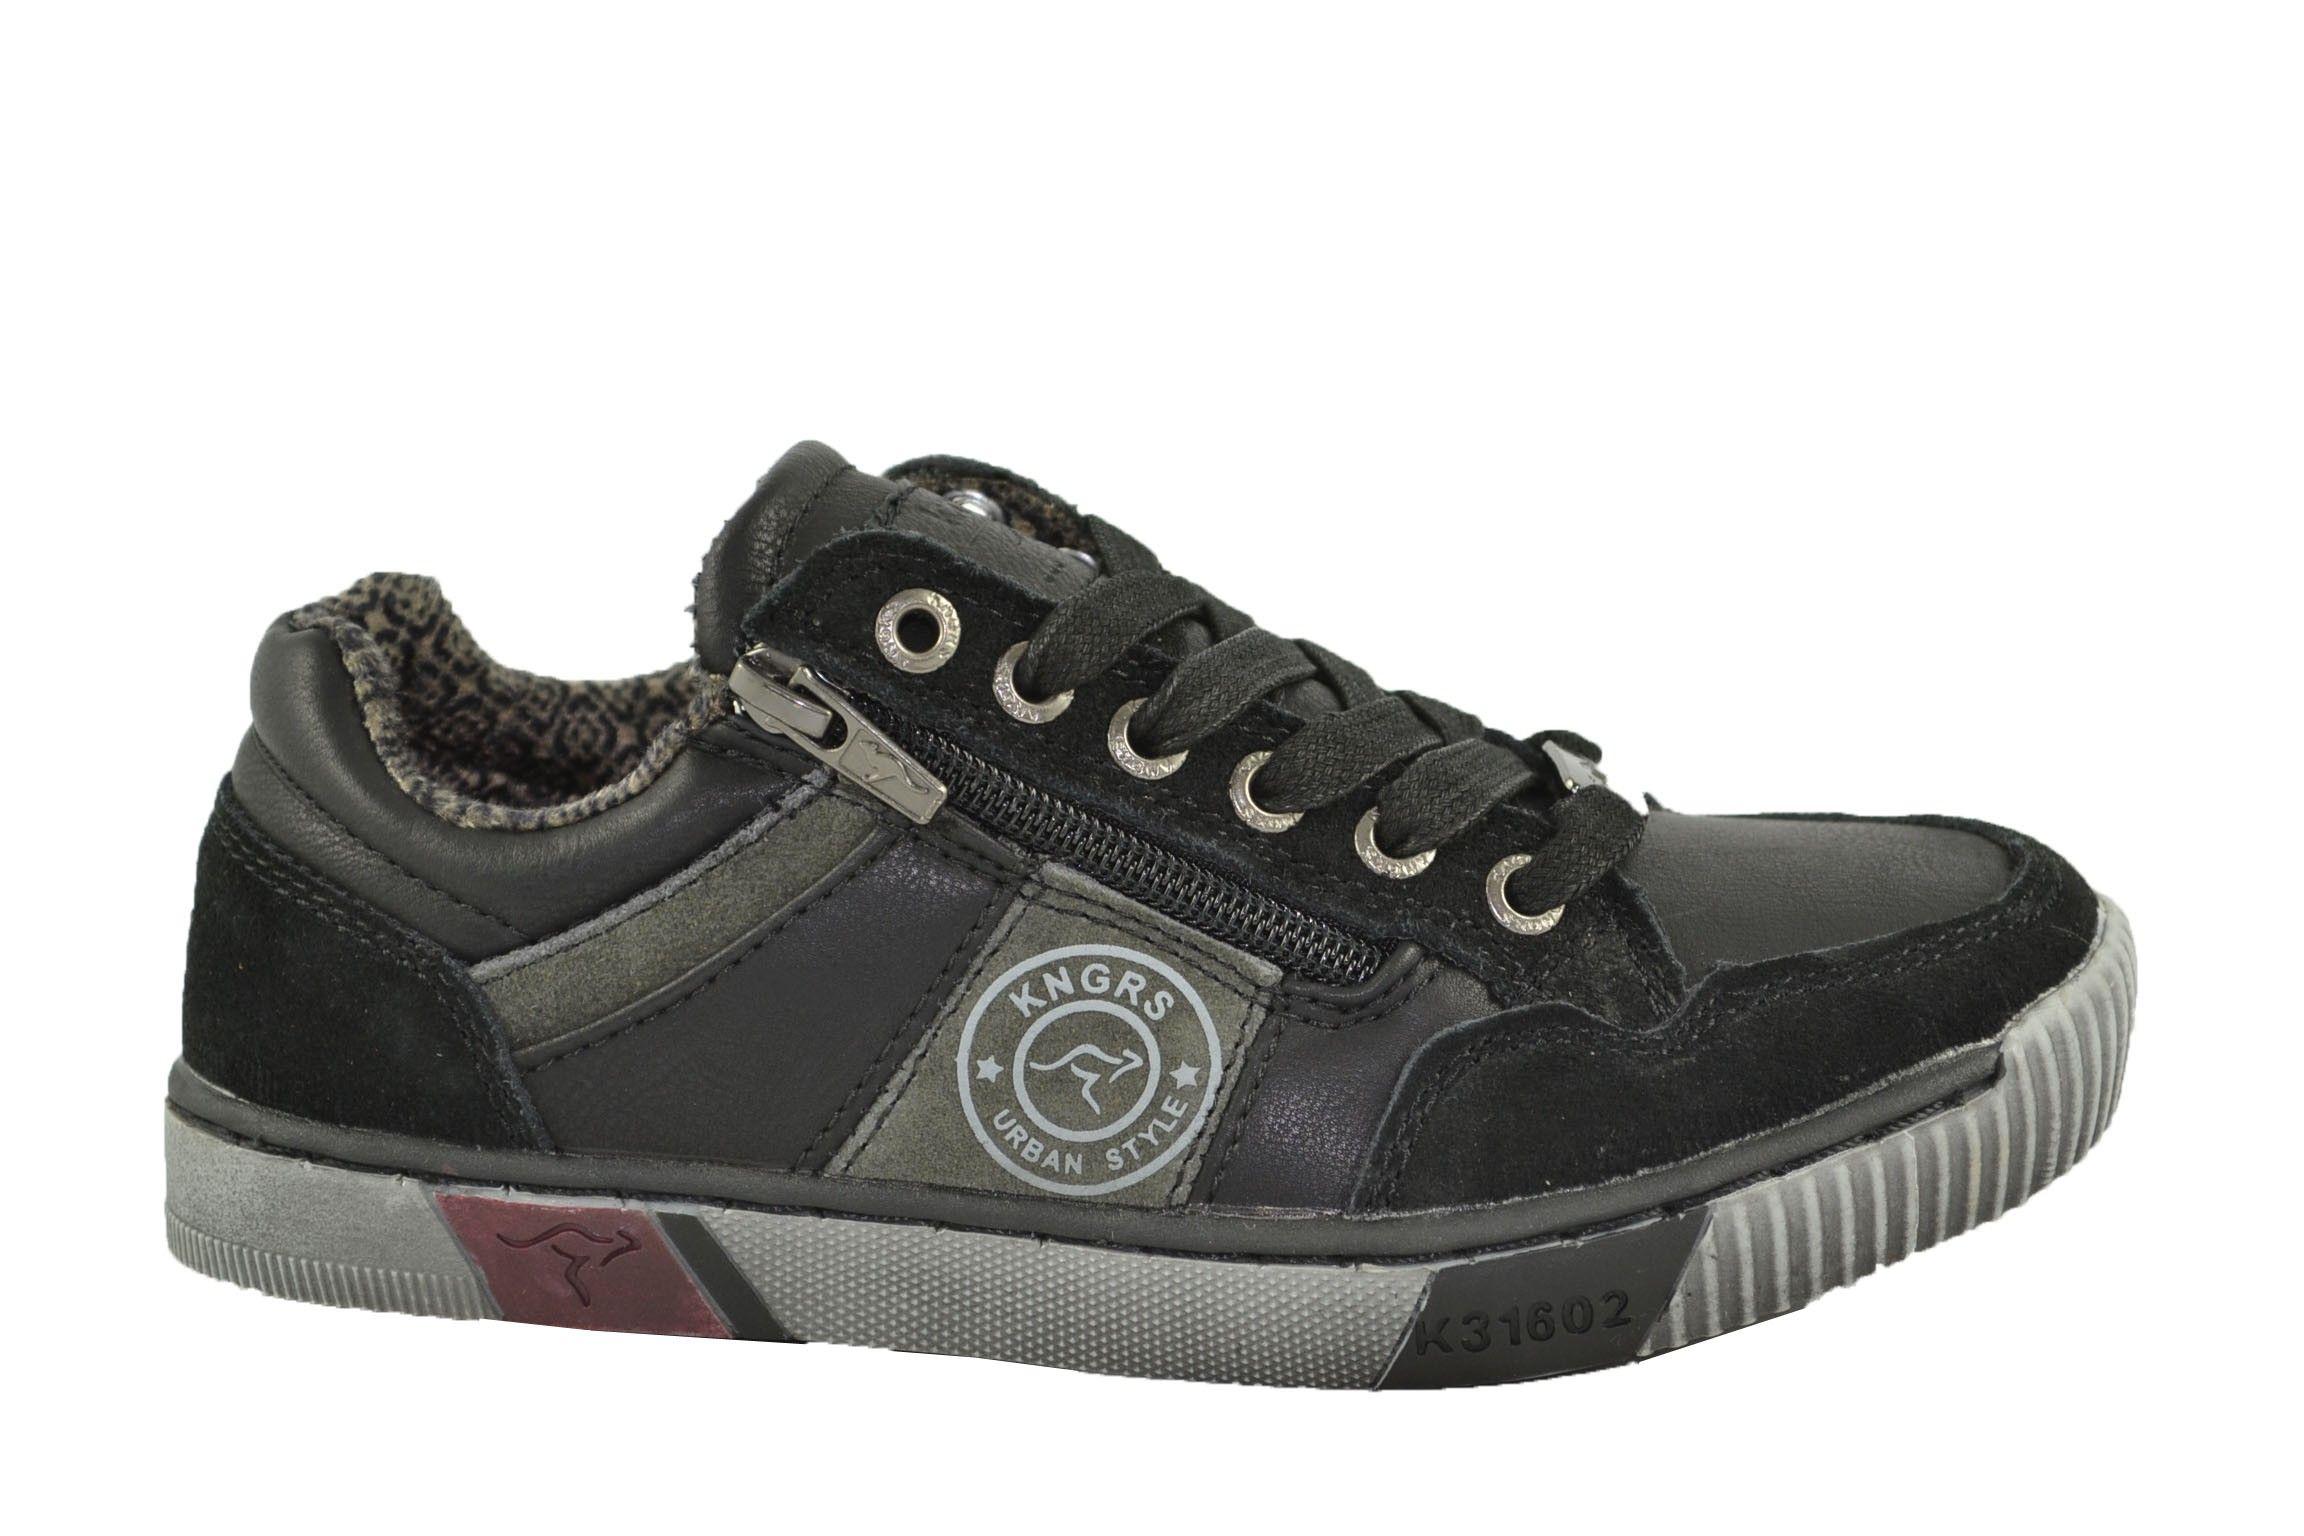 Zapatos azules casual Kangaroos infantiles 0a9e7dF